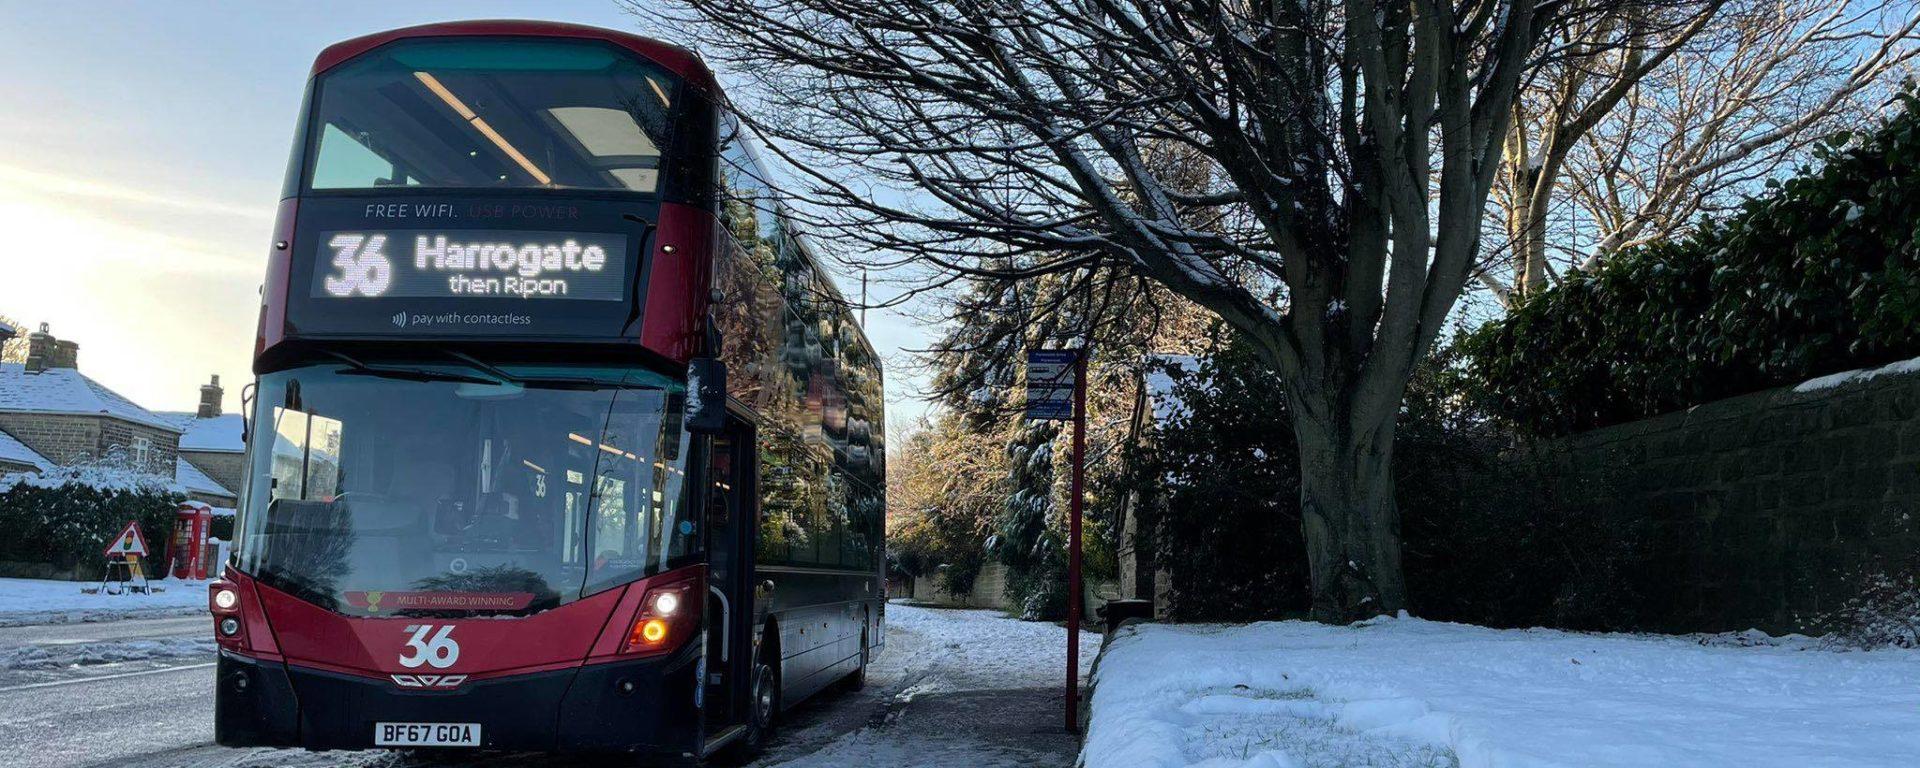 transdev-uk-snow